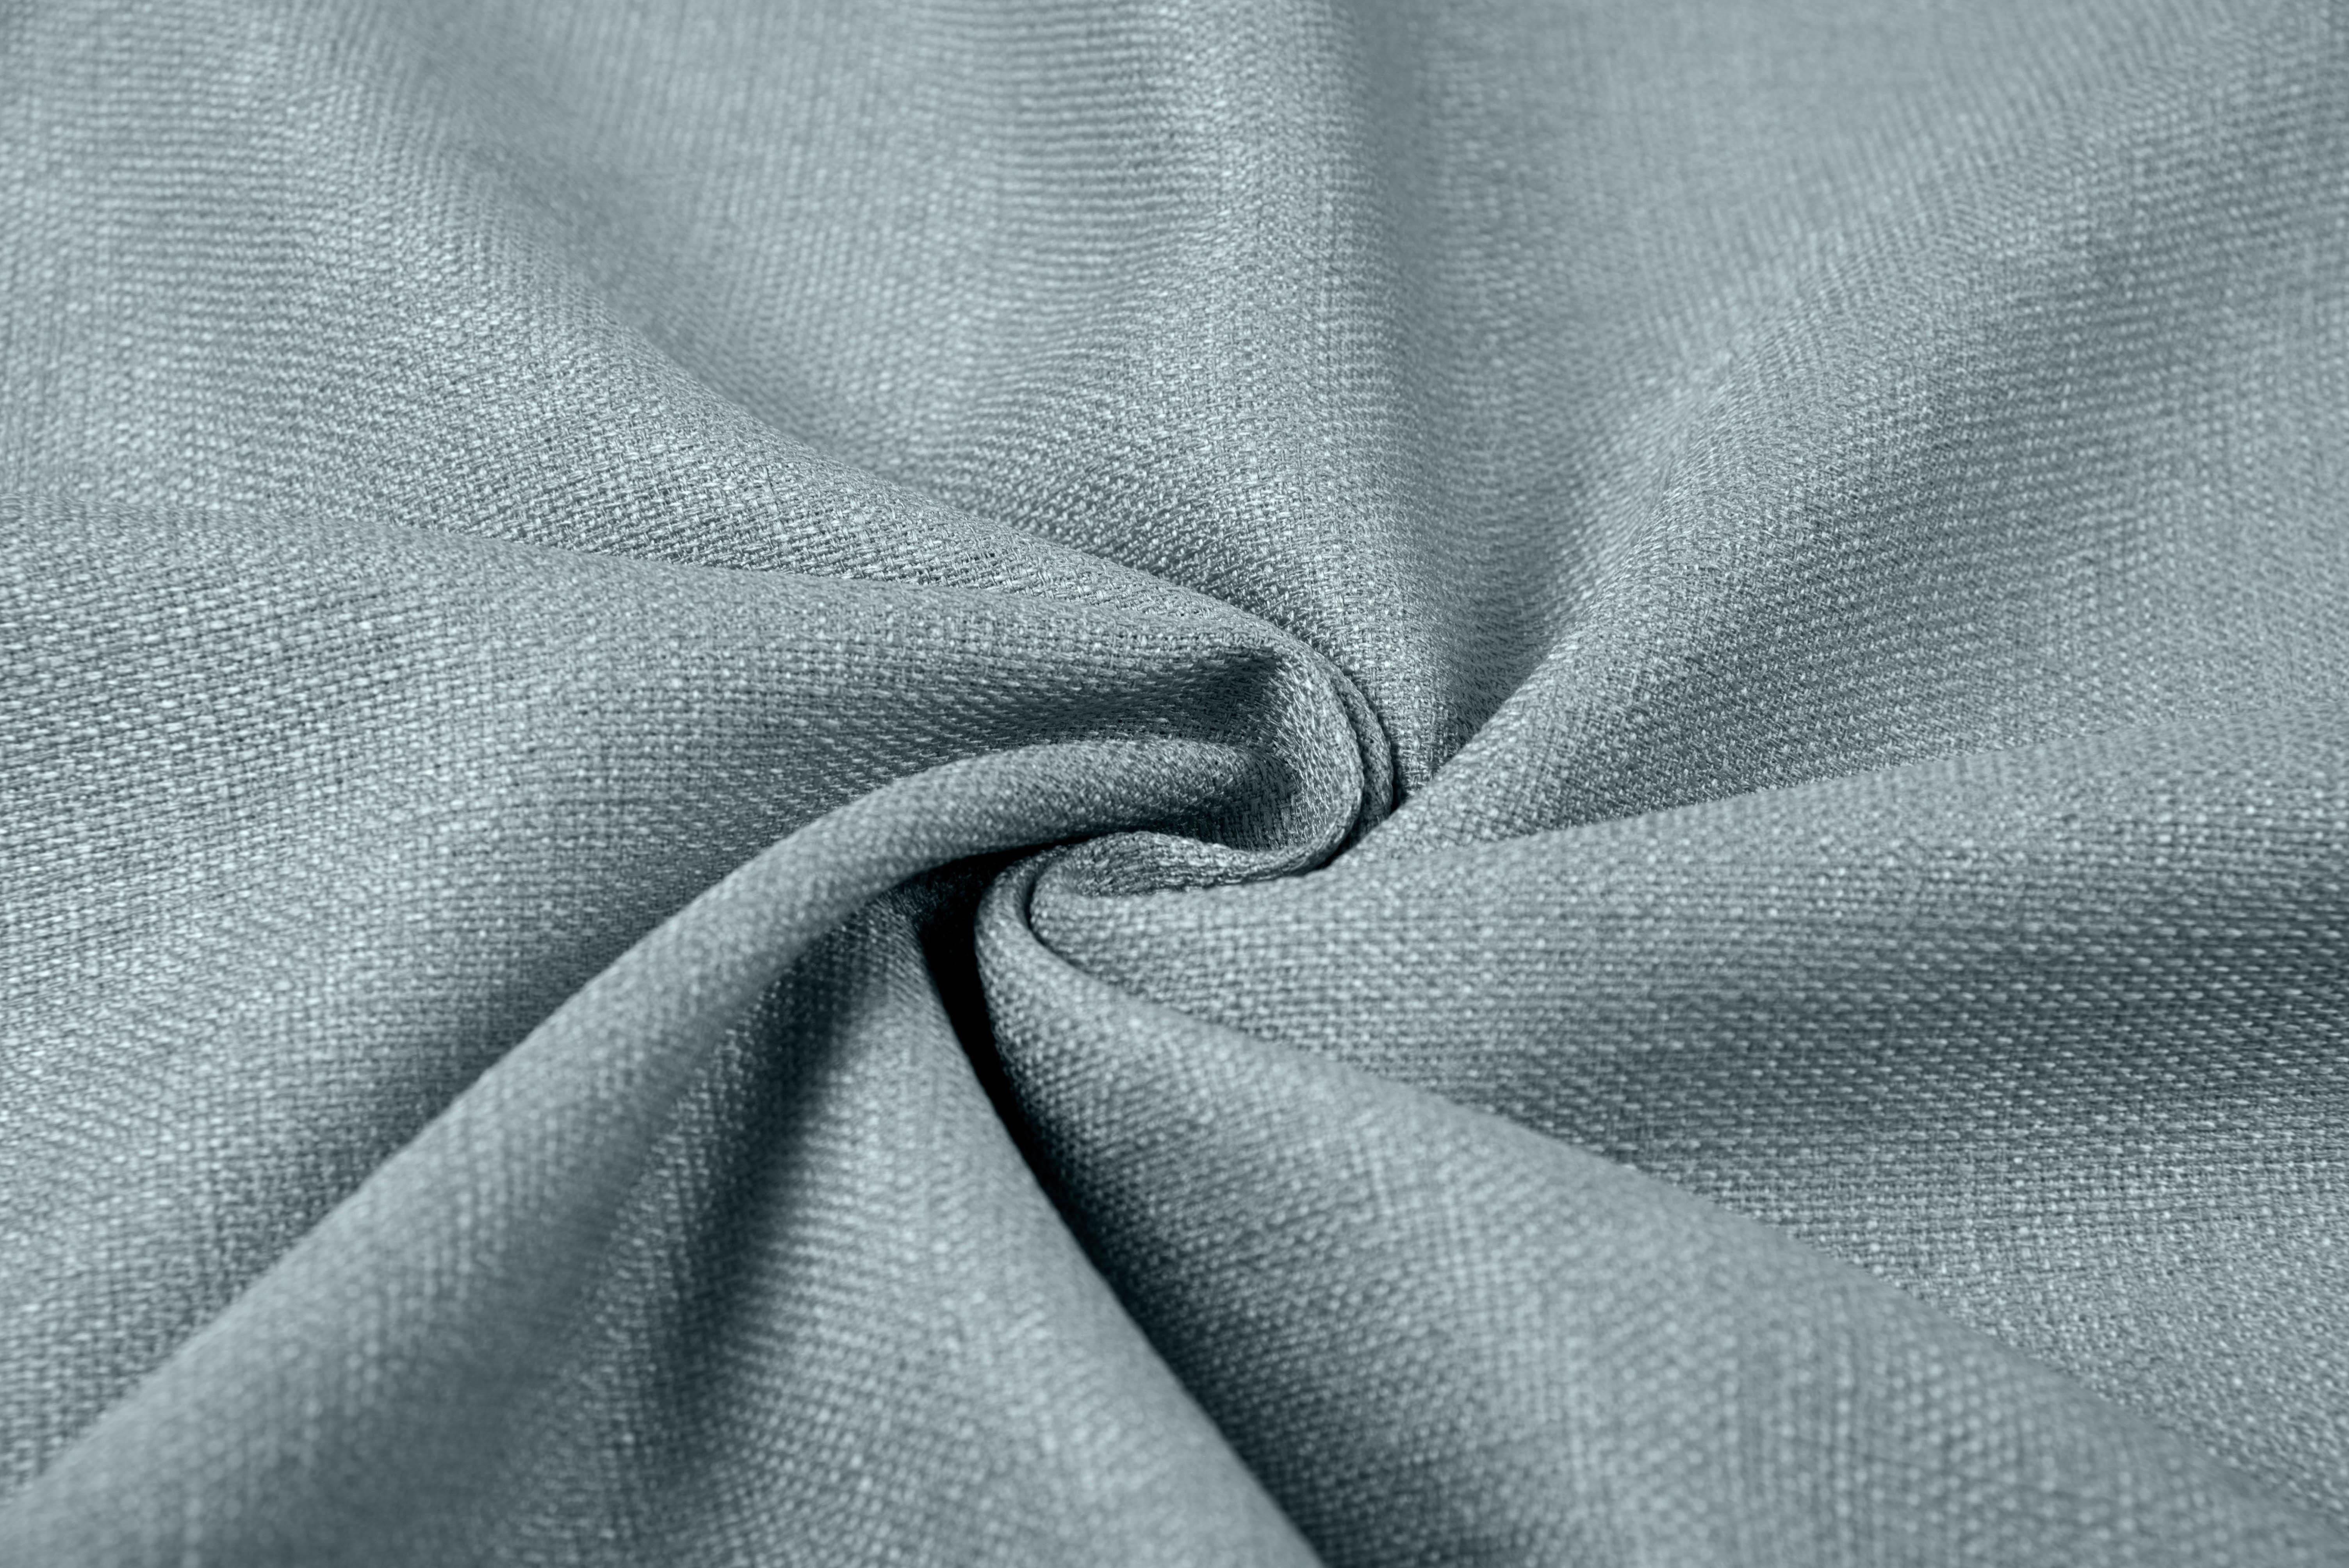 {} TexRepublic Материал Портьерная ткань Tough Цвет: Бирюзовый